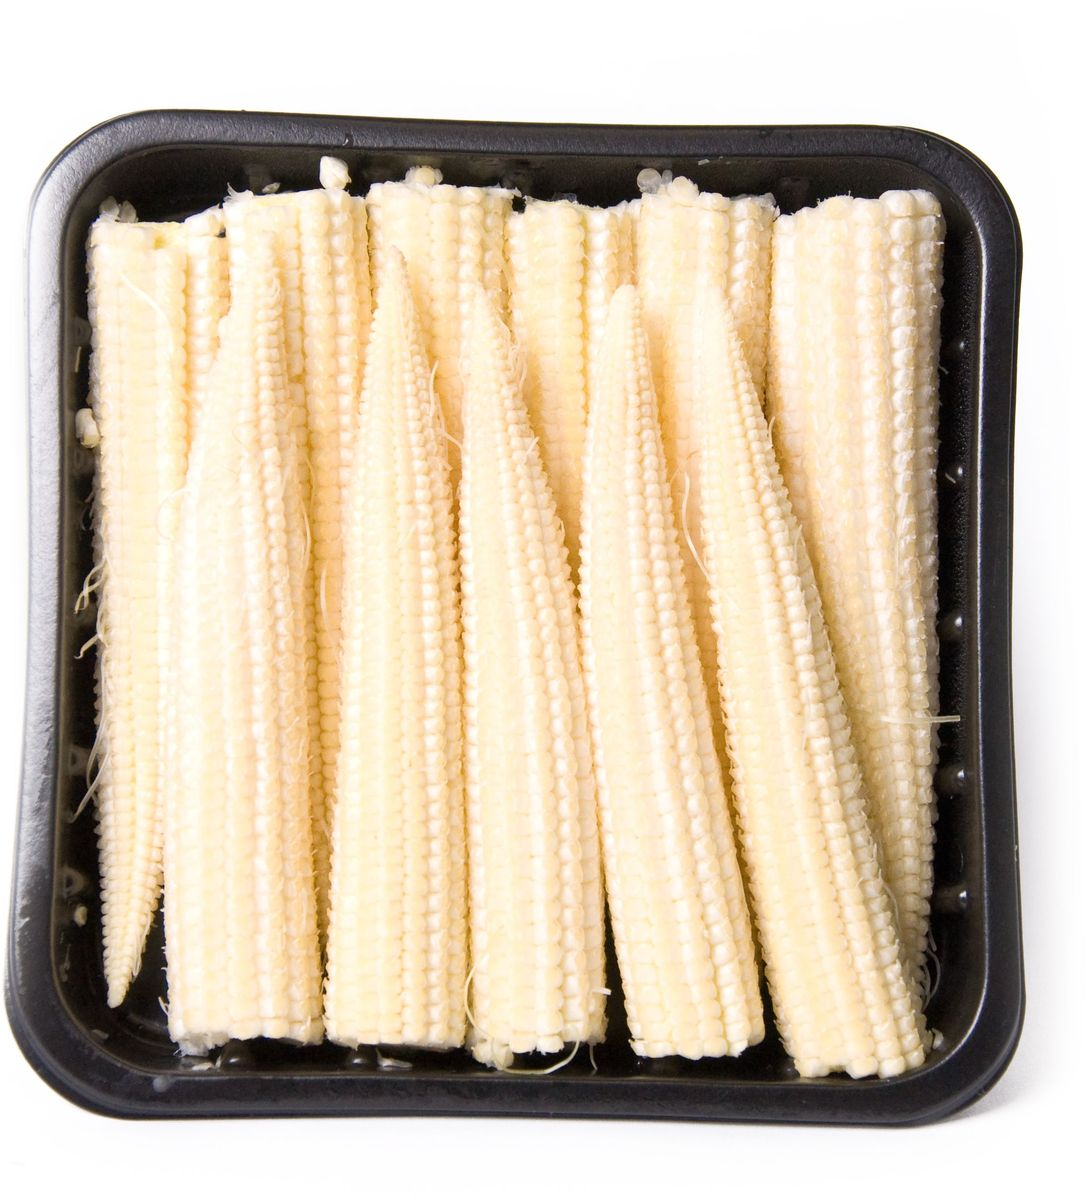 Мини Кукуруза, 125 г138000000Кукуруза мини - карликовый сорт кукурузы около 10 см в длину. Обладает нежным сладковатым вкусом. Содержит важные витамины, микро- и макроэлементы. Початок мягкий, поэтому его употребляет целиком. В сыром виде такую кукурузу добавляют в свежие салаты, часто она используется для приготовления блюд азиатской и китайской кухни. Не требует длительной тепловой обработки. Очень красиво и ярко мини-кукуруза смотрится в овощных рагу.